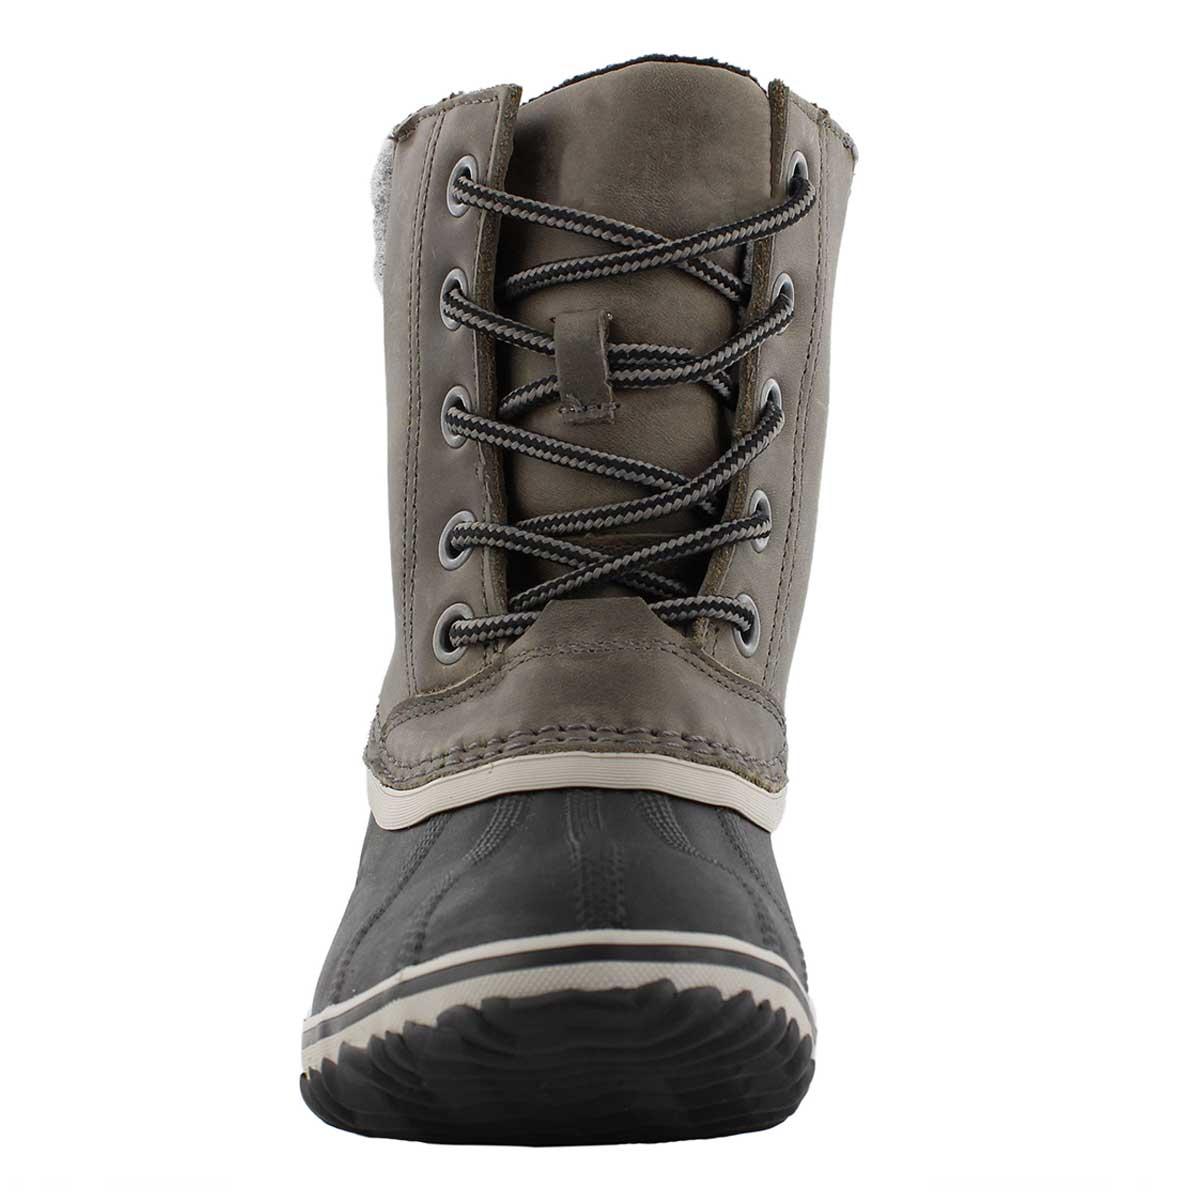 Lds Slimpack II Lace quarry wtpf boot